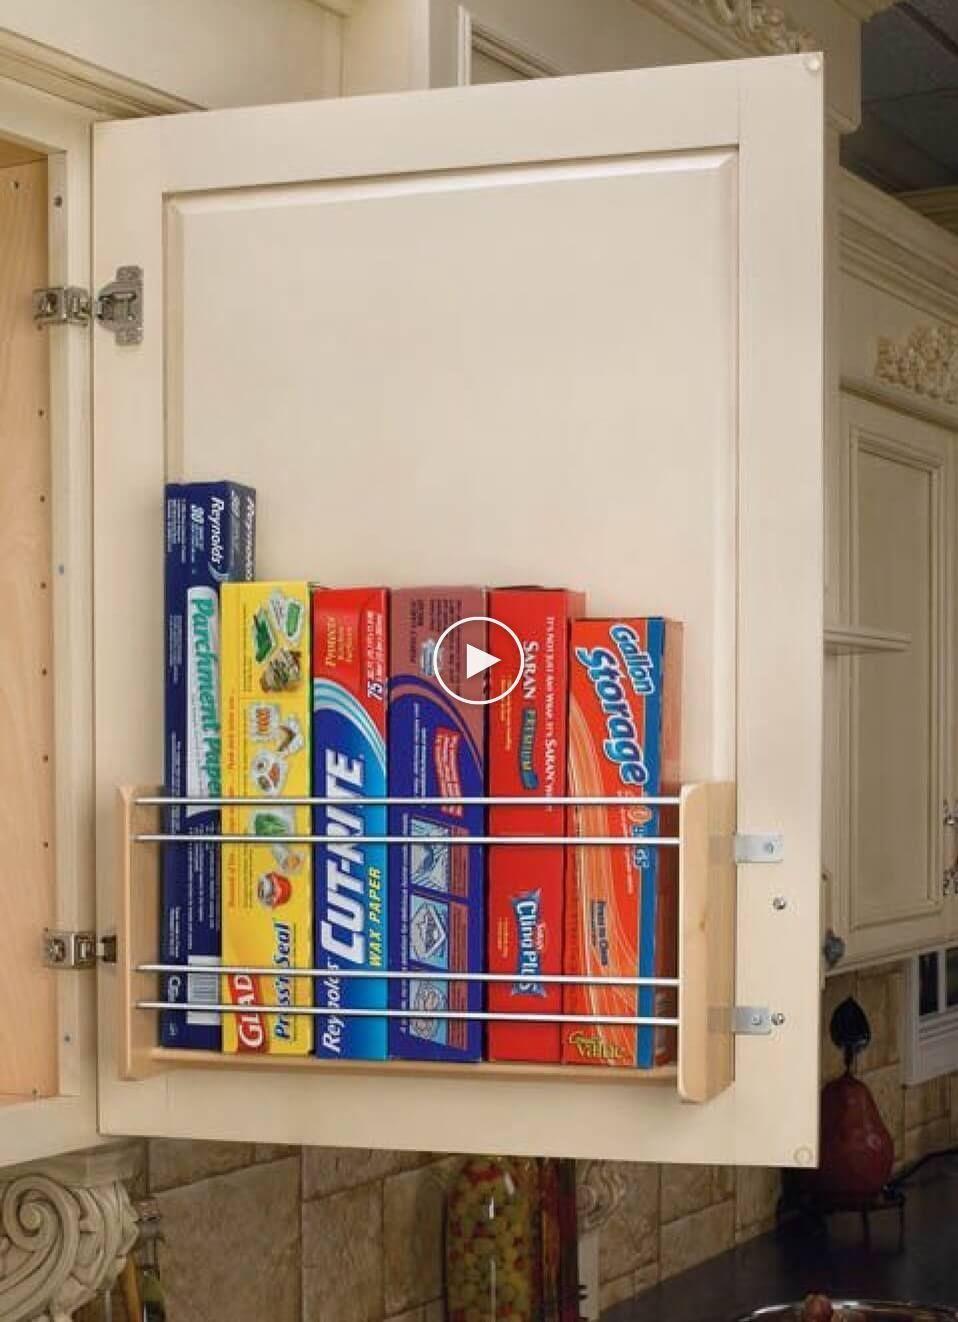 35 Ideas Practicas De Almacenamiento Para Una Pequena Organizacion De Cocinas In 2020 Small Kitchen Storage Diy Kitchen Storage Kitchen Organization